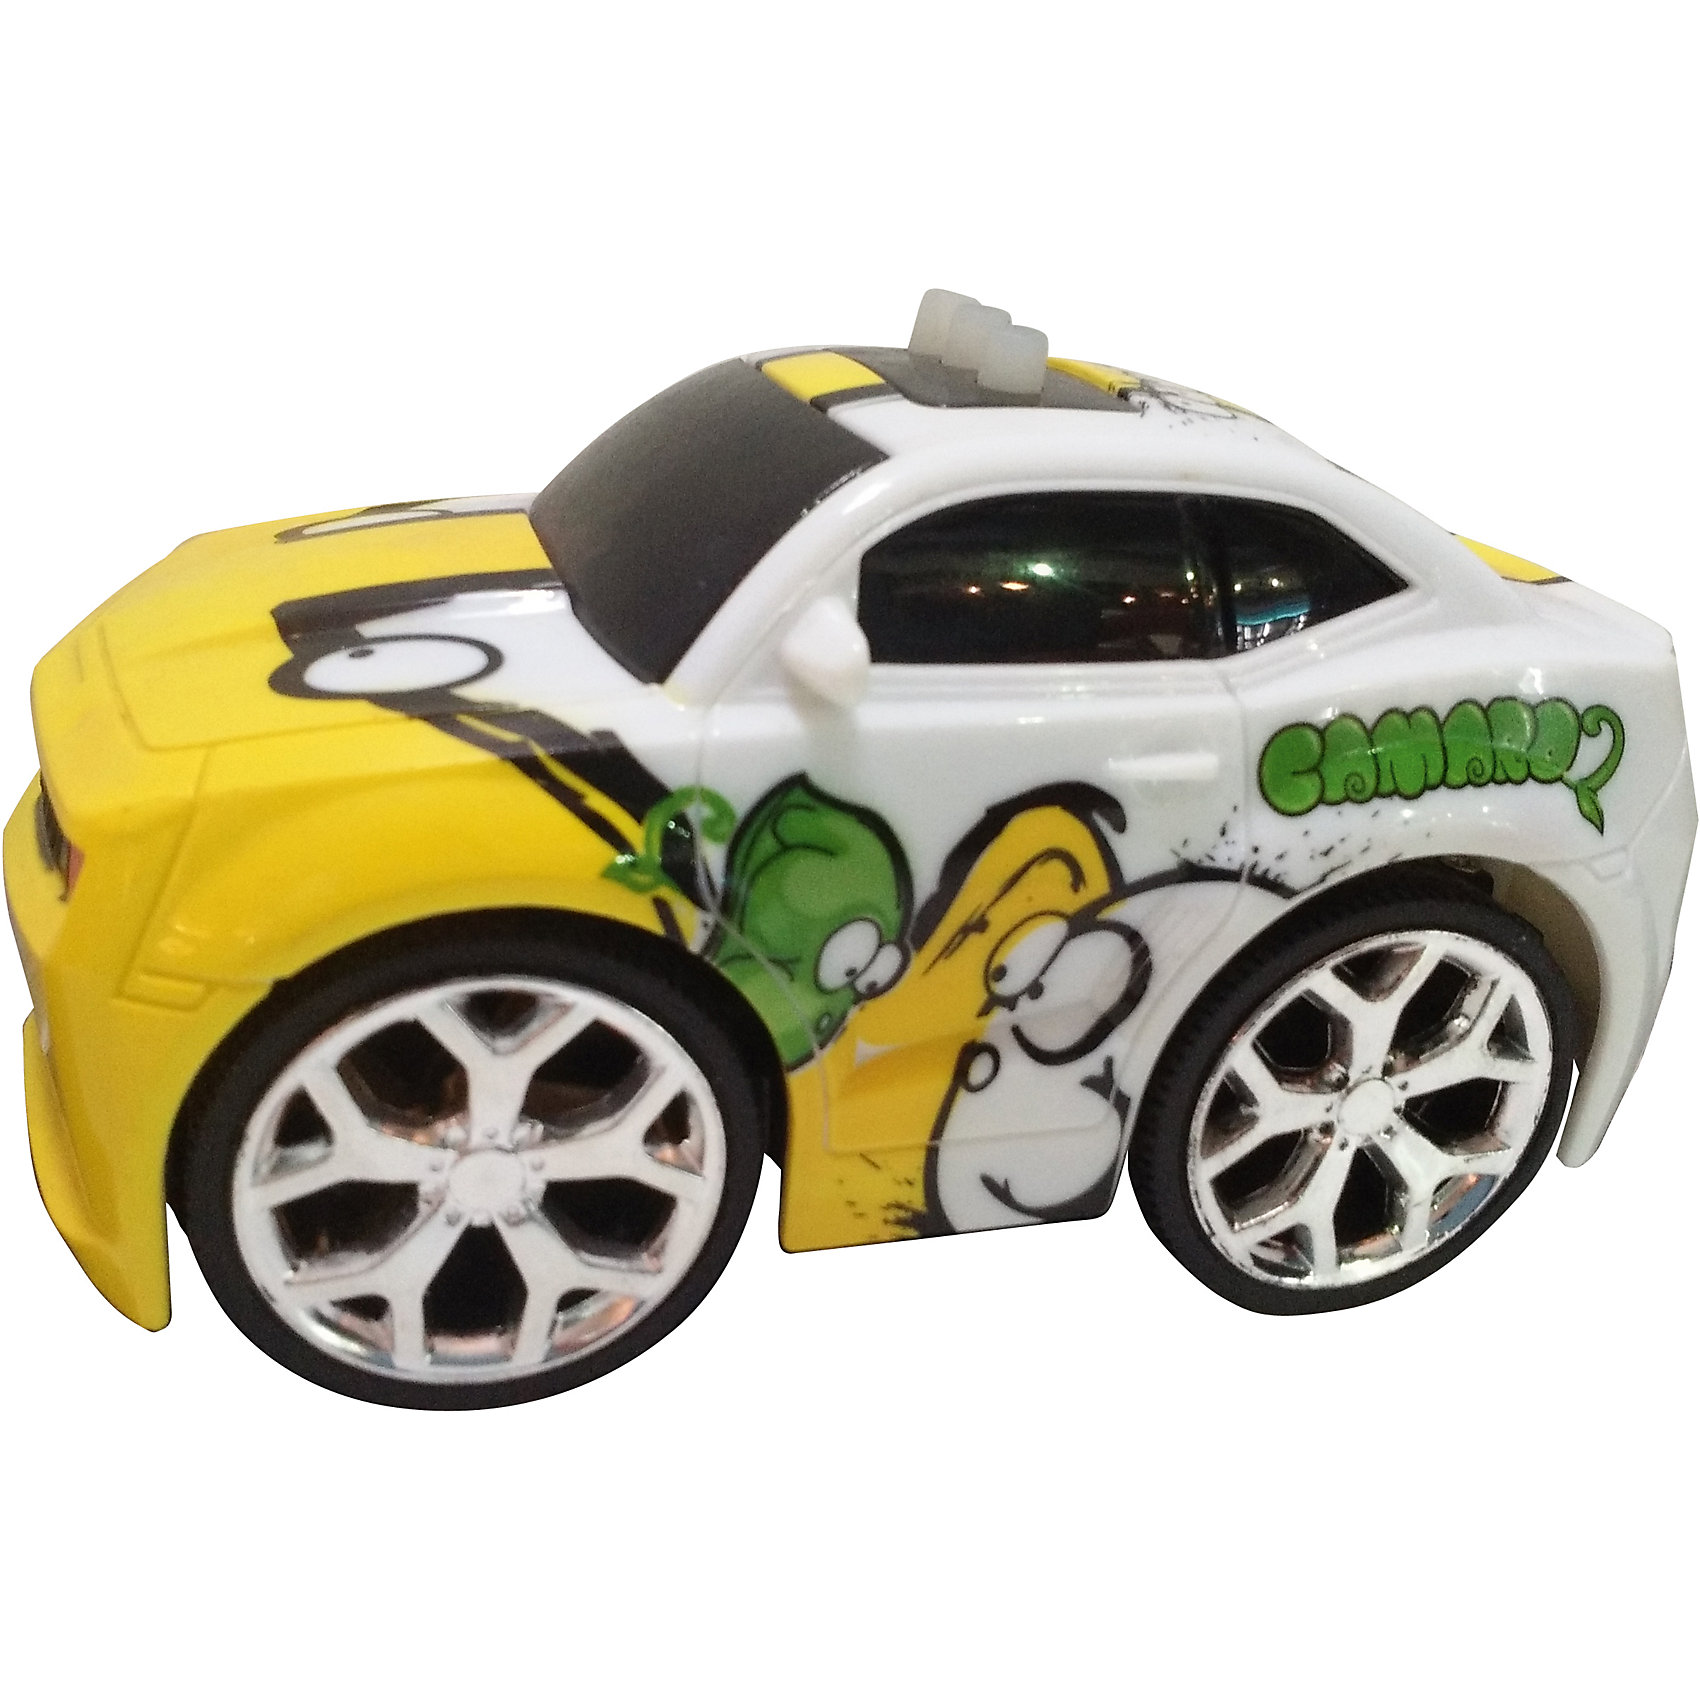 Машинка интерактивная со светом и звуком, белая с желтым, Blue SeaМашинки<br>Машинка интерактивная со светом и звуком, белая с желтым, Blue Sea (Блу Сии).<br><br>Характеристики:<br><br>- Цвет: белый, желтый.<br>- Состав: пластик,металл.<br>- Размер машины: 12,5х7х7 см<br>- Инерционная игрушка.<br><br>Машинка интерактивная со светом и звуком, белая с желтым, - .это  отличная игрушка от бренда Blue Sea (Блу Сии). Эта маленькая машинка с большими колесами одна из целой серии интерактивных машинок. На ее крыше расположены 3 кнопки с интерактивными функциями. Запрограммированы следующие функции: воспроизведение звука запуска двигателя, воспроизведение мелодии, воспроизведение звука работающего двигателя и движение машинки вперед. Игрушка выполнена из качественных сертифицированных материалов.<br><br>Машинку интерактивную со светом и звуком, белую с желтым, Blue Sea, Blue Sea (Блу Сии), можно купить в нашем интернет - магазине.<br><br>Ширина мм: 162<br>Глубина мм: 105<br>Высота мм: 115<br>Вес г: 210<br>Возраст от месяцев: 36<br>Возраст до месяцев: 2147483647<br>Пол: Мужской<br>Возраст: Детский<br>SKU: 5419362